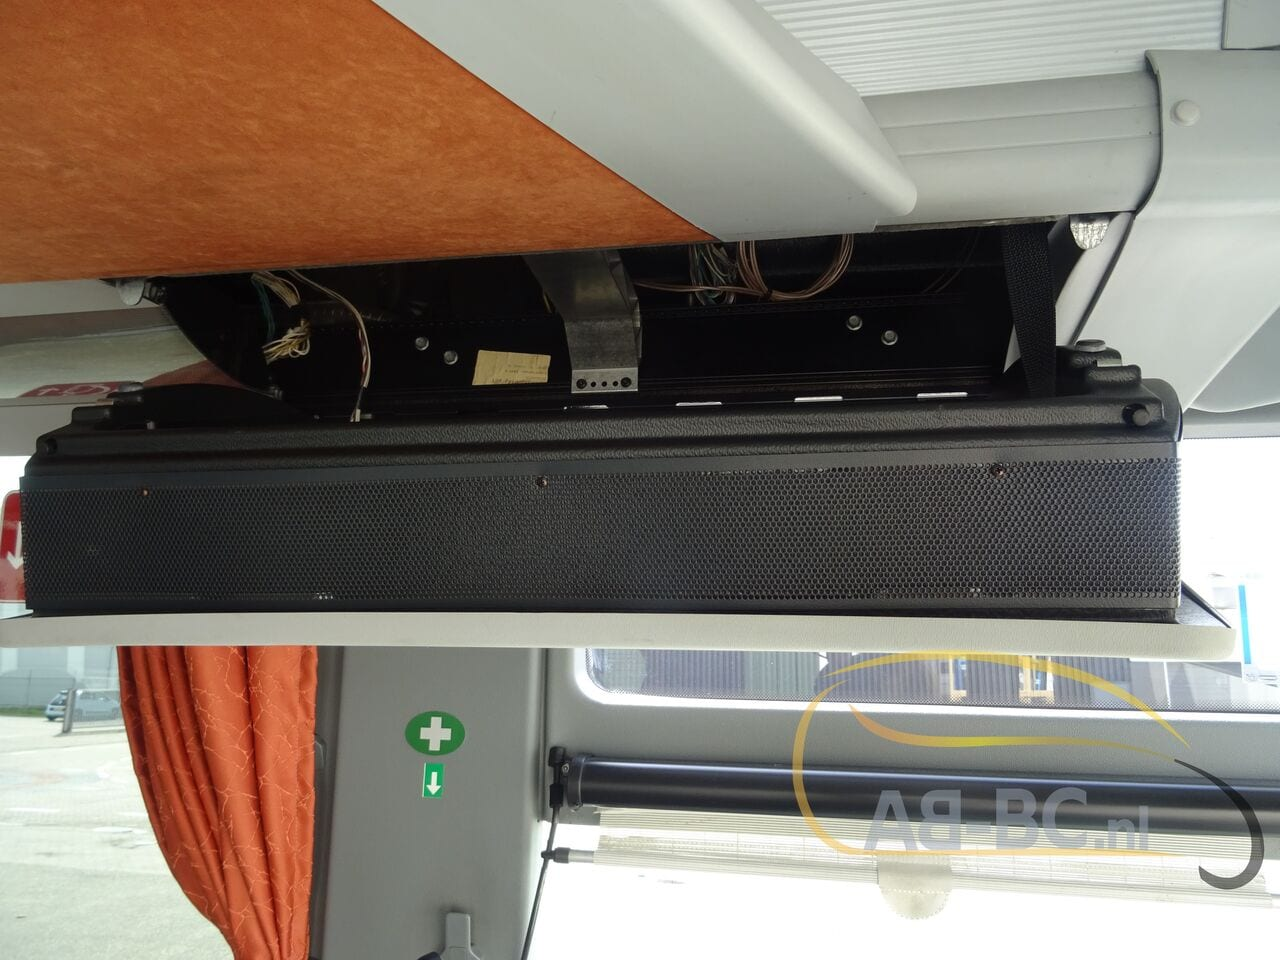 coach-busSETRA-S416H-48-SEATS-LIFTBUS---1620309834688215788_big_a9df9567f19eae7f48fb5d2343fda127--21050616581387095000